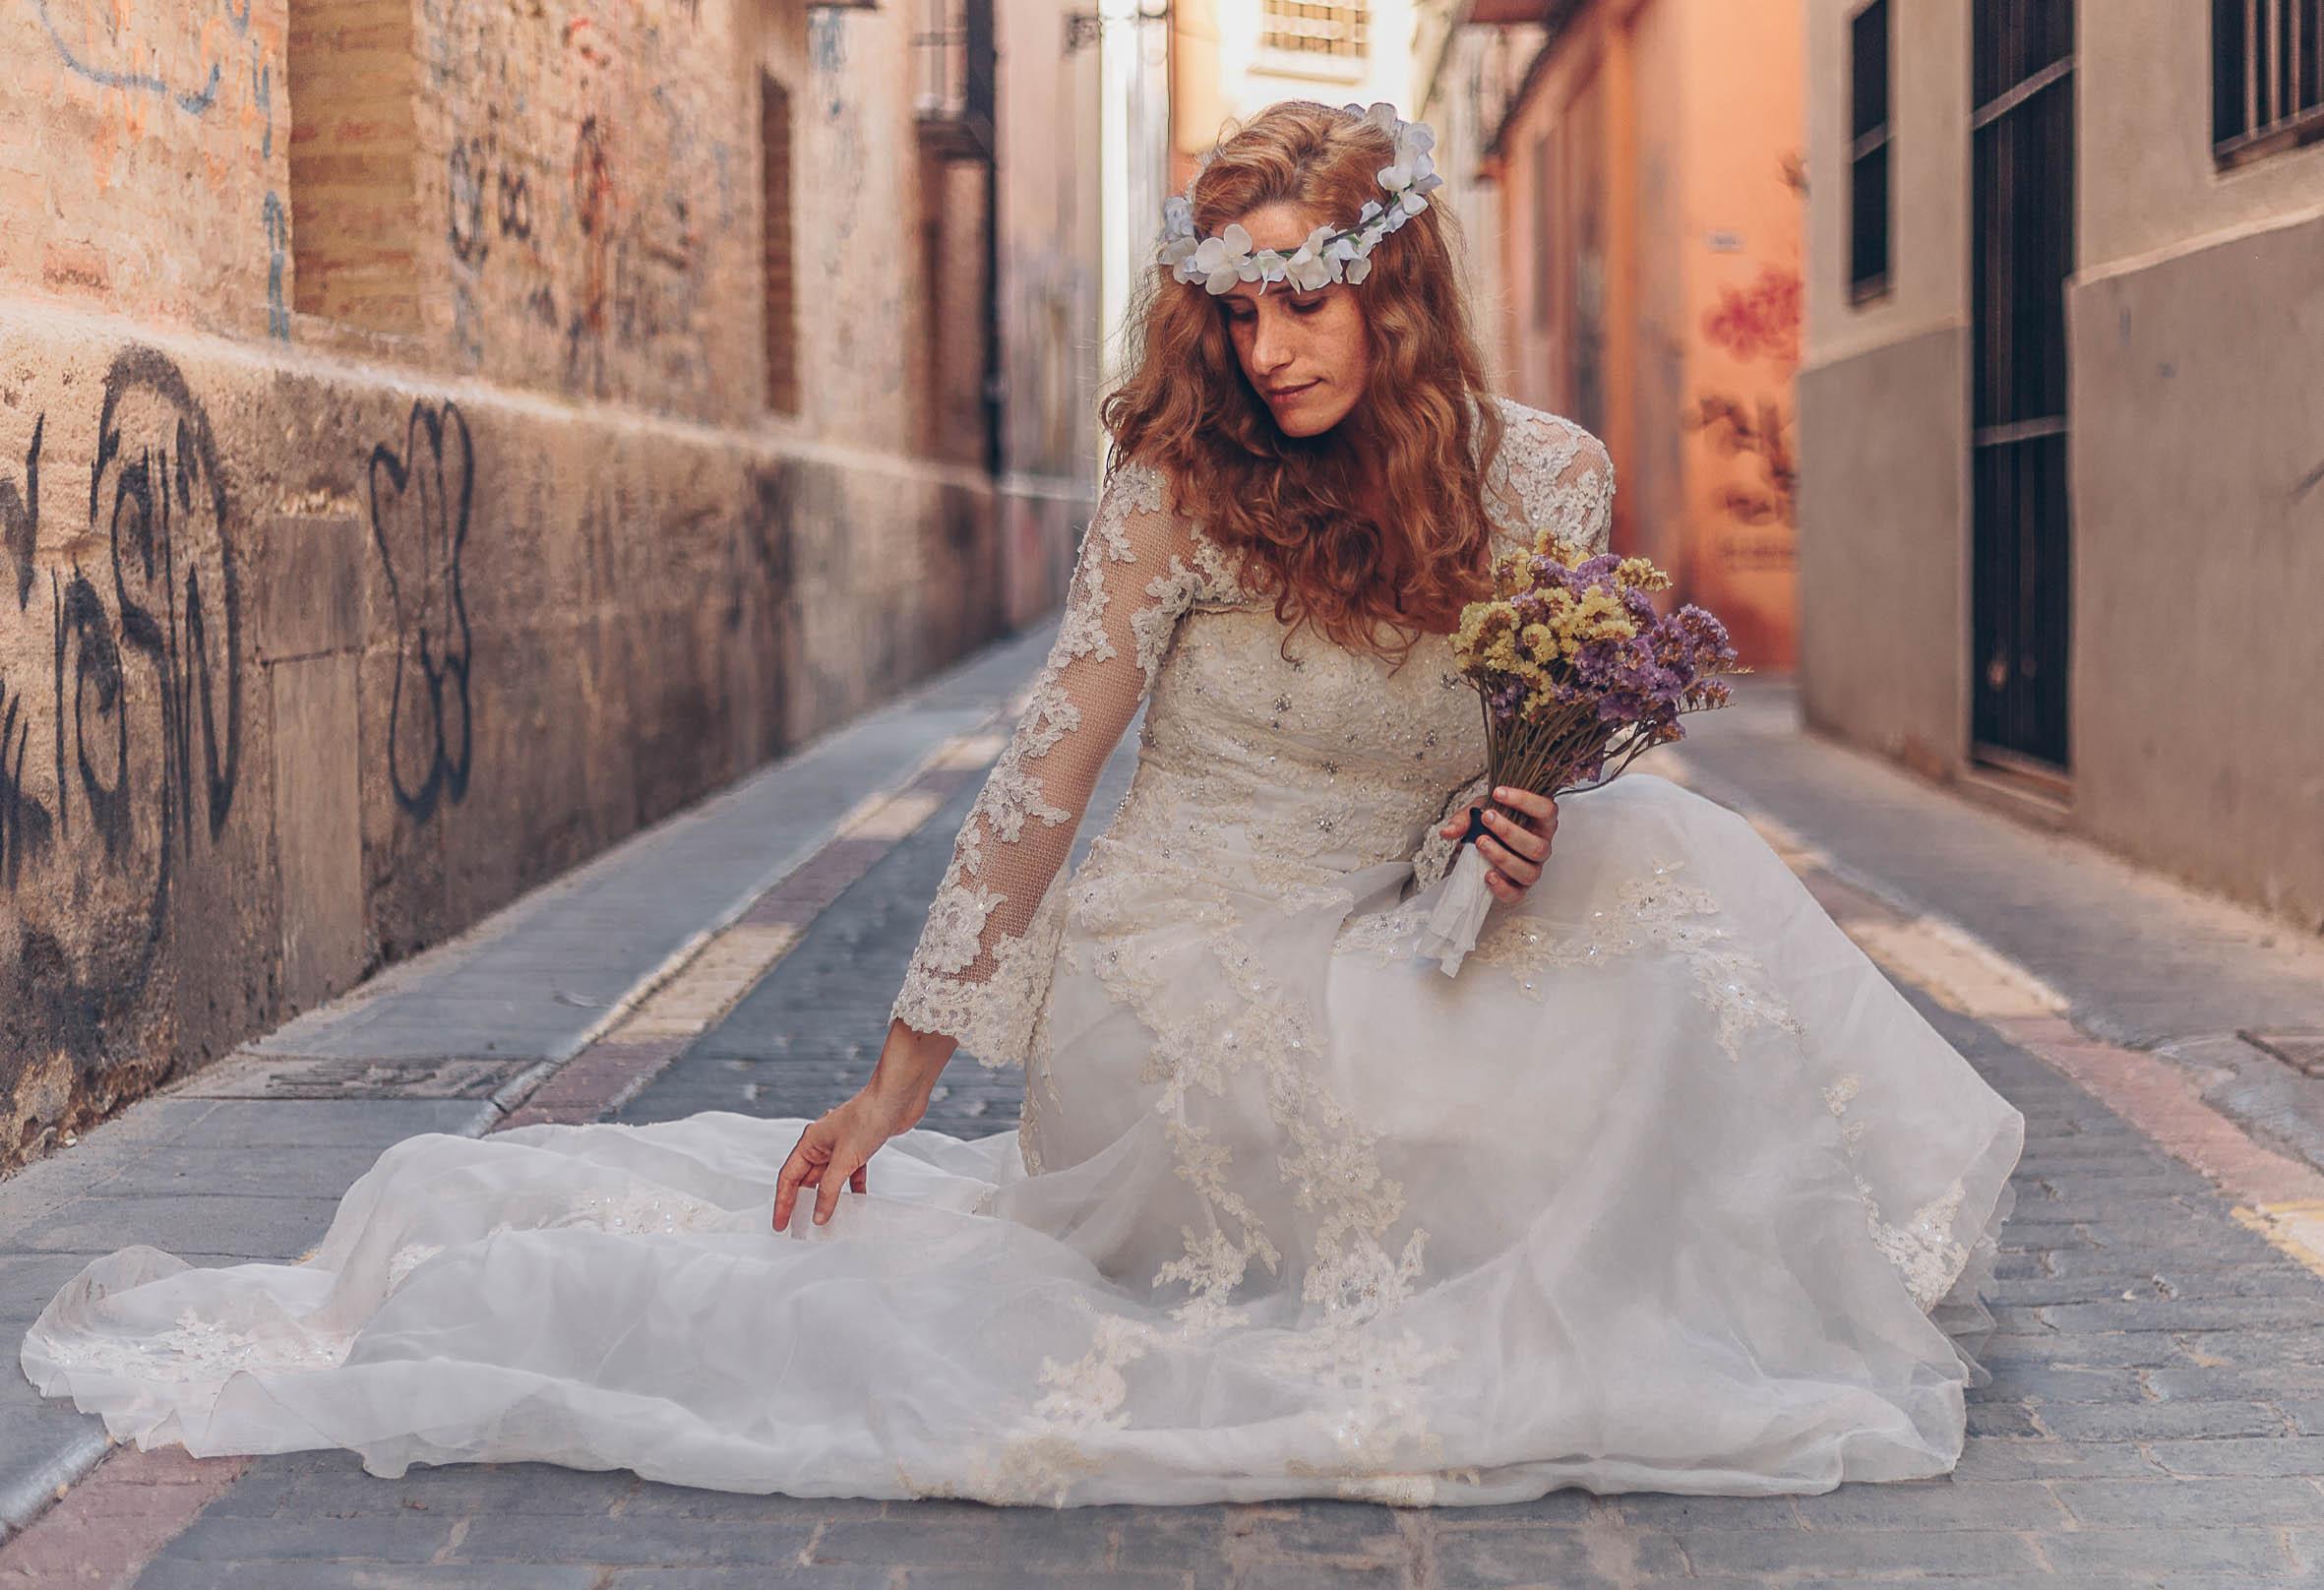 fotografo-de-bodas-valencia-ibiza-alicante-castellon-marbella-madrid-barcelona- 126